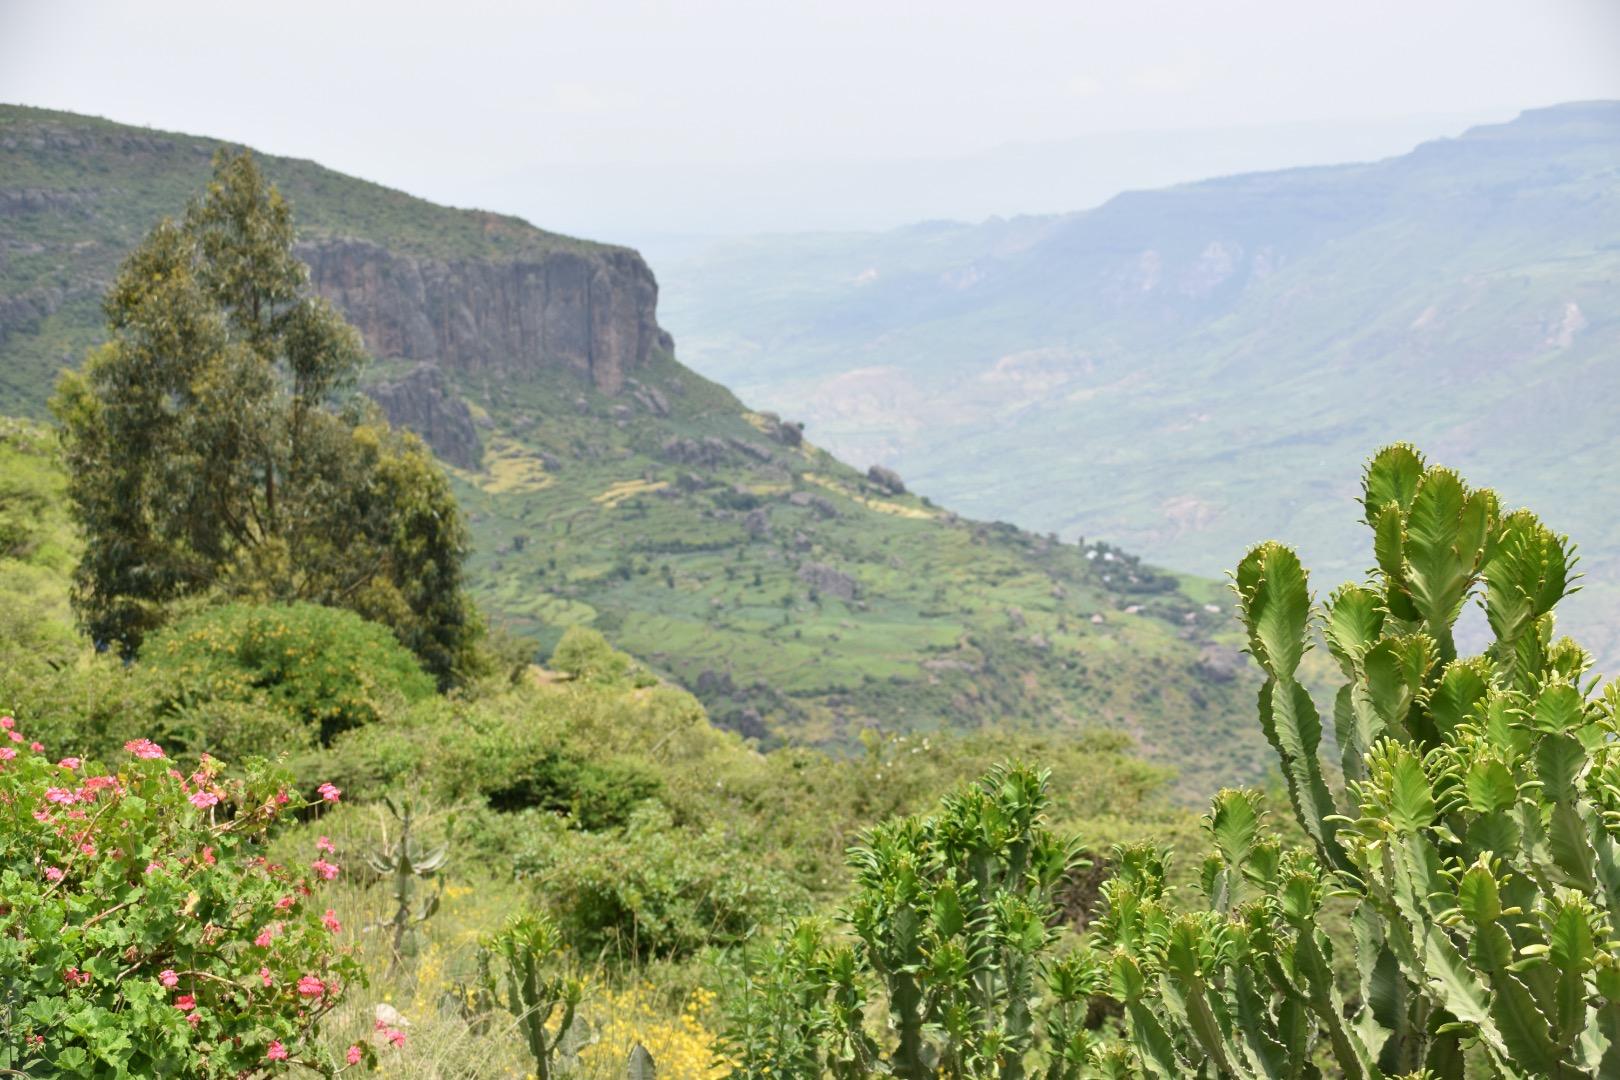 Amhara region, Ethiopia